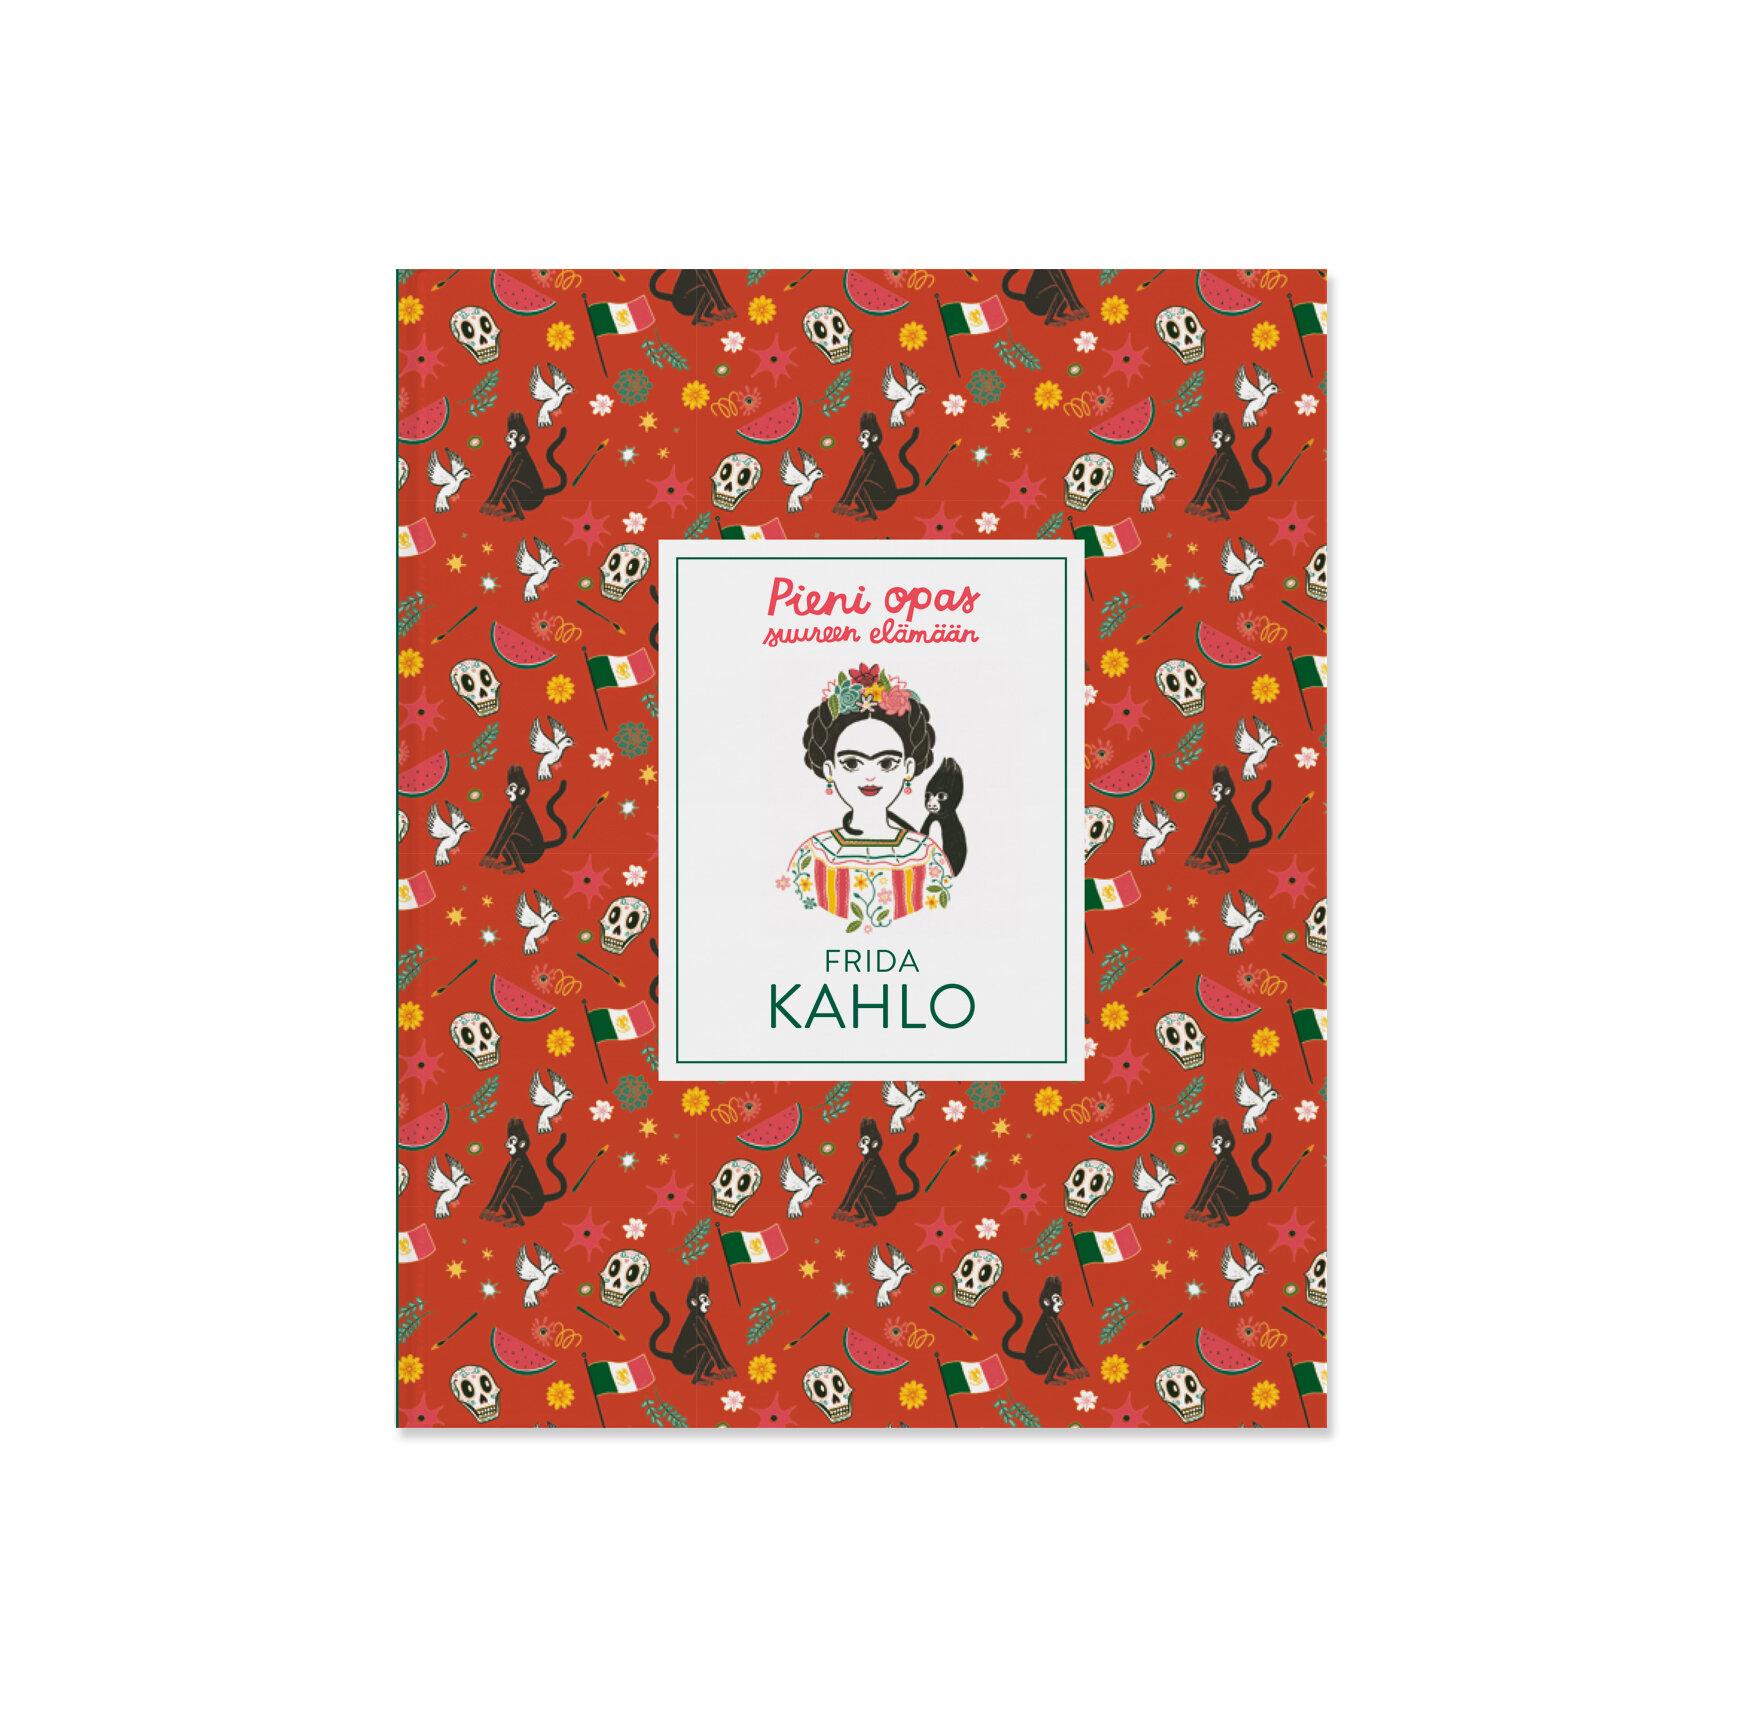 Pieni opas suureen elämään: Frida Kahlo